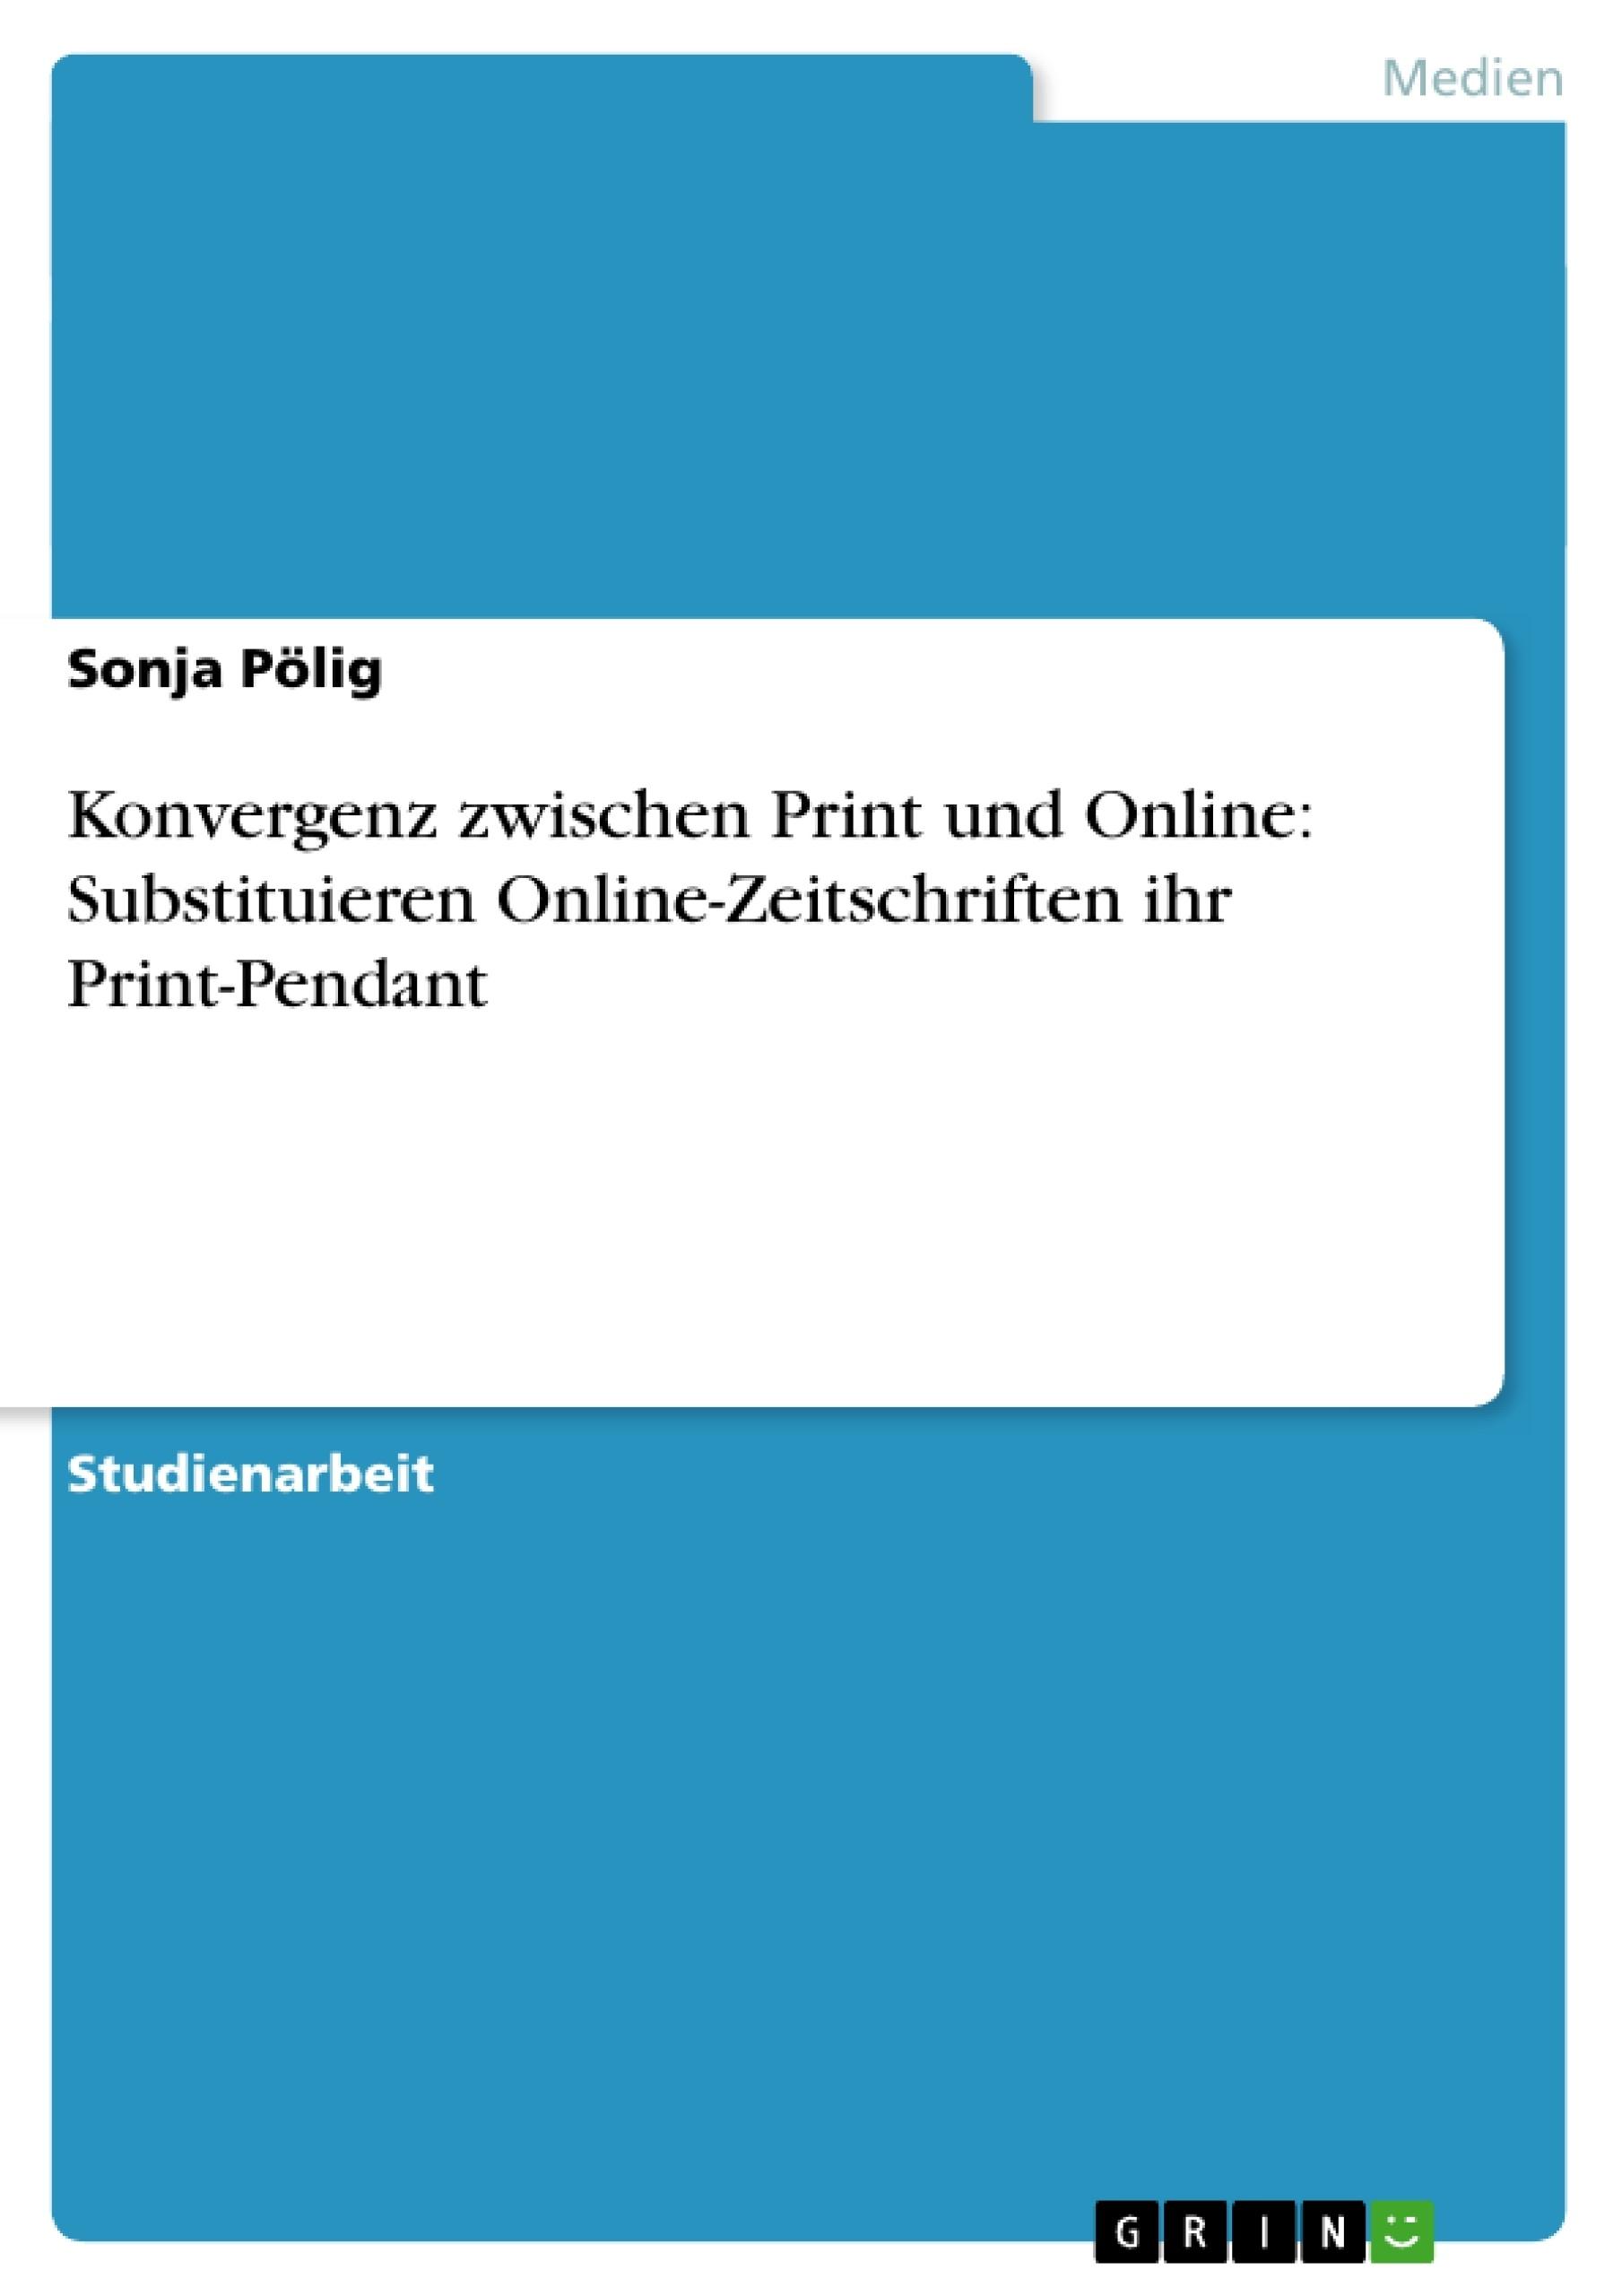 Titel: Konvergenz zwischen Print und Online: Substituieren Online-Zeitschriften ihr Print-Pendant